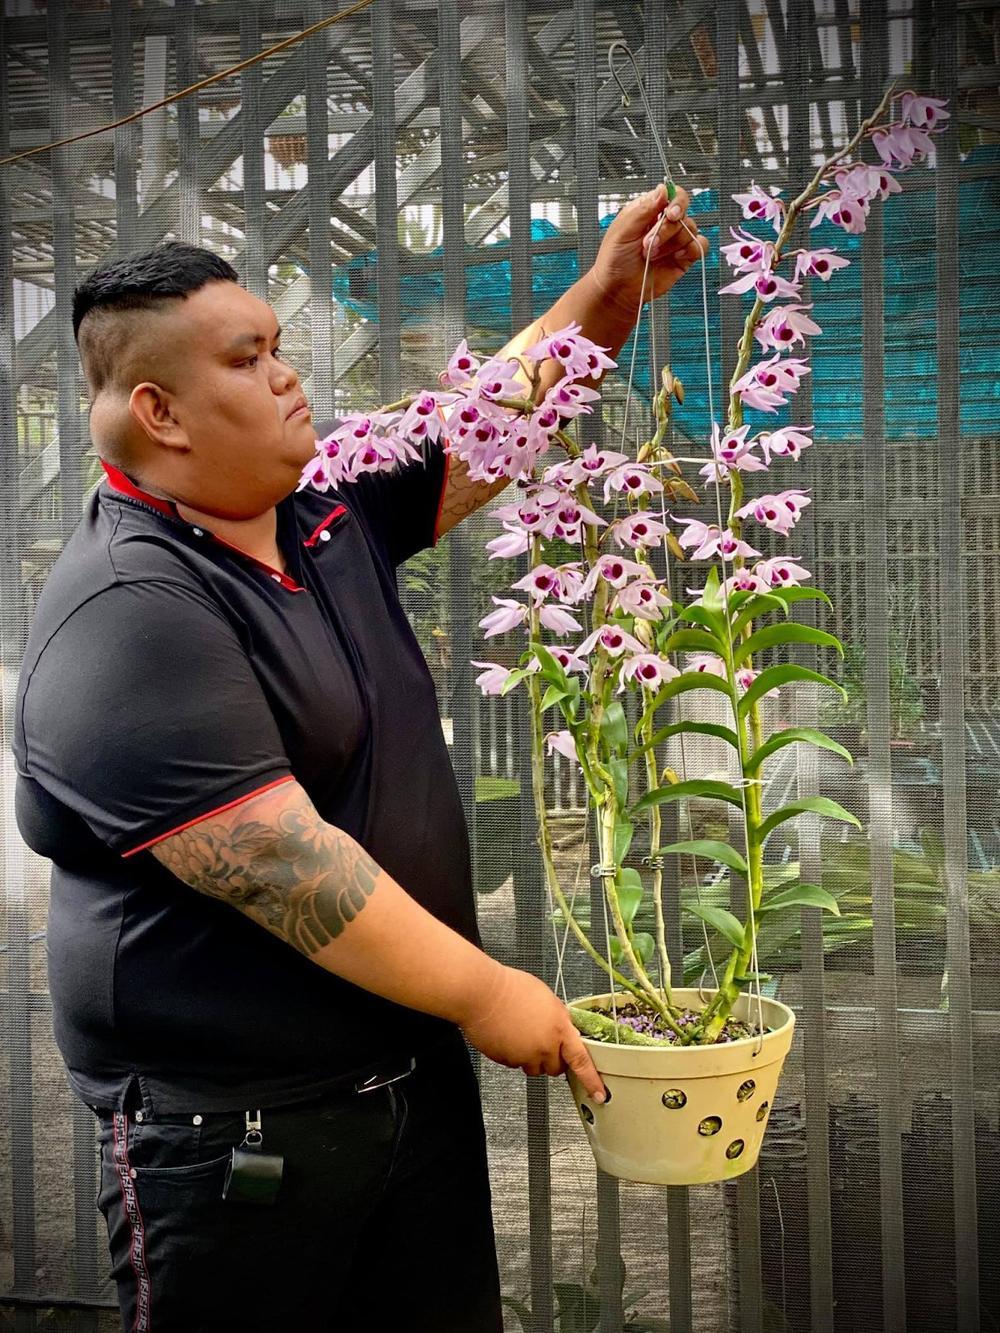 Nghệ nhân Tống Duy Thức: Hoa lan đã mang lại cho tôi nhiều điều đặc biệt Ảnh 1